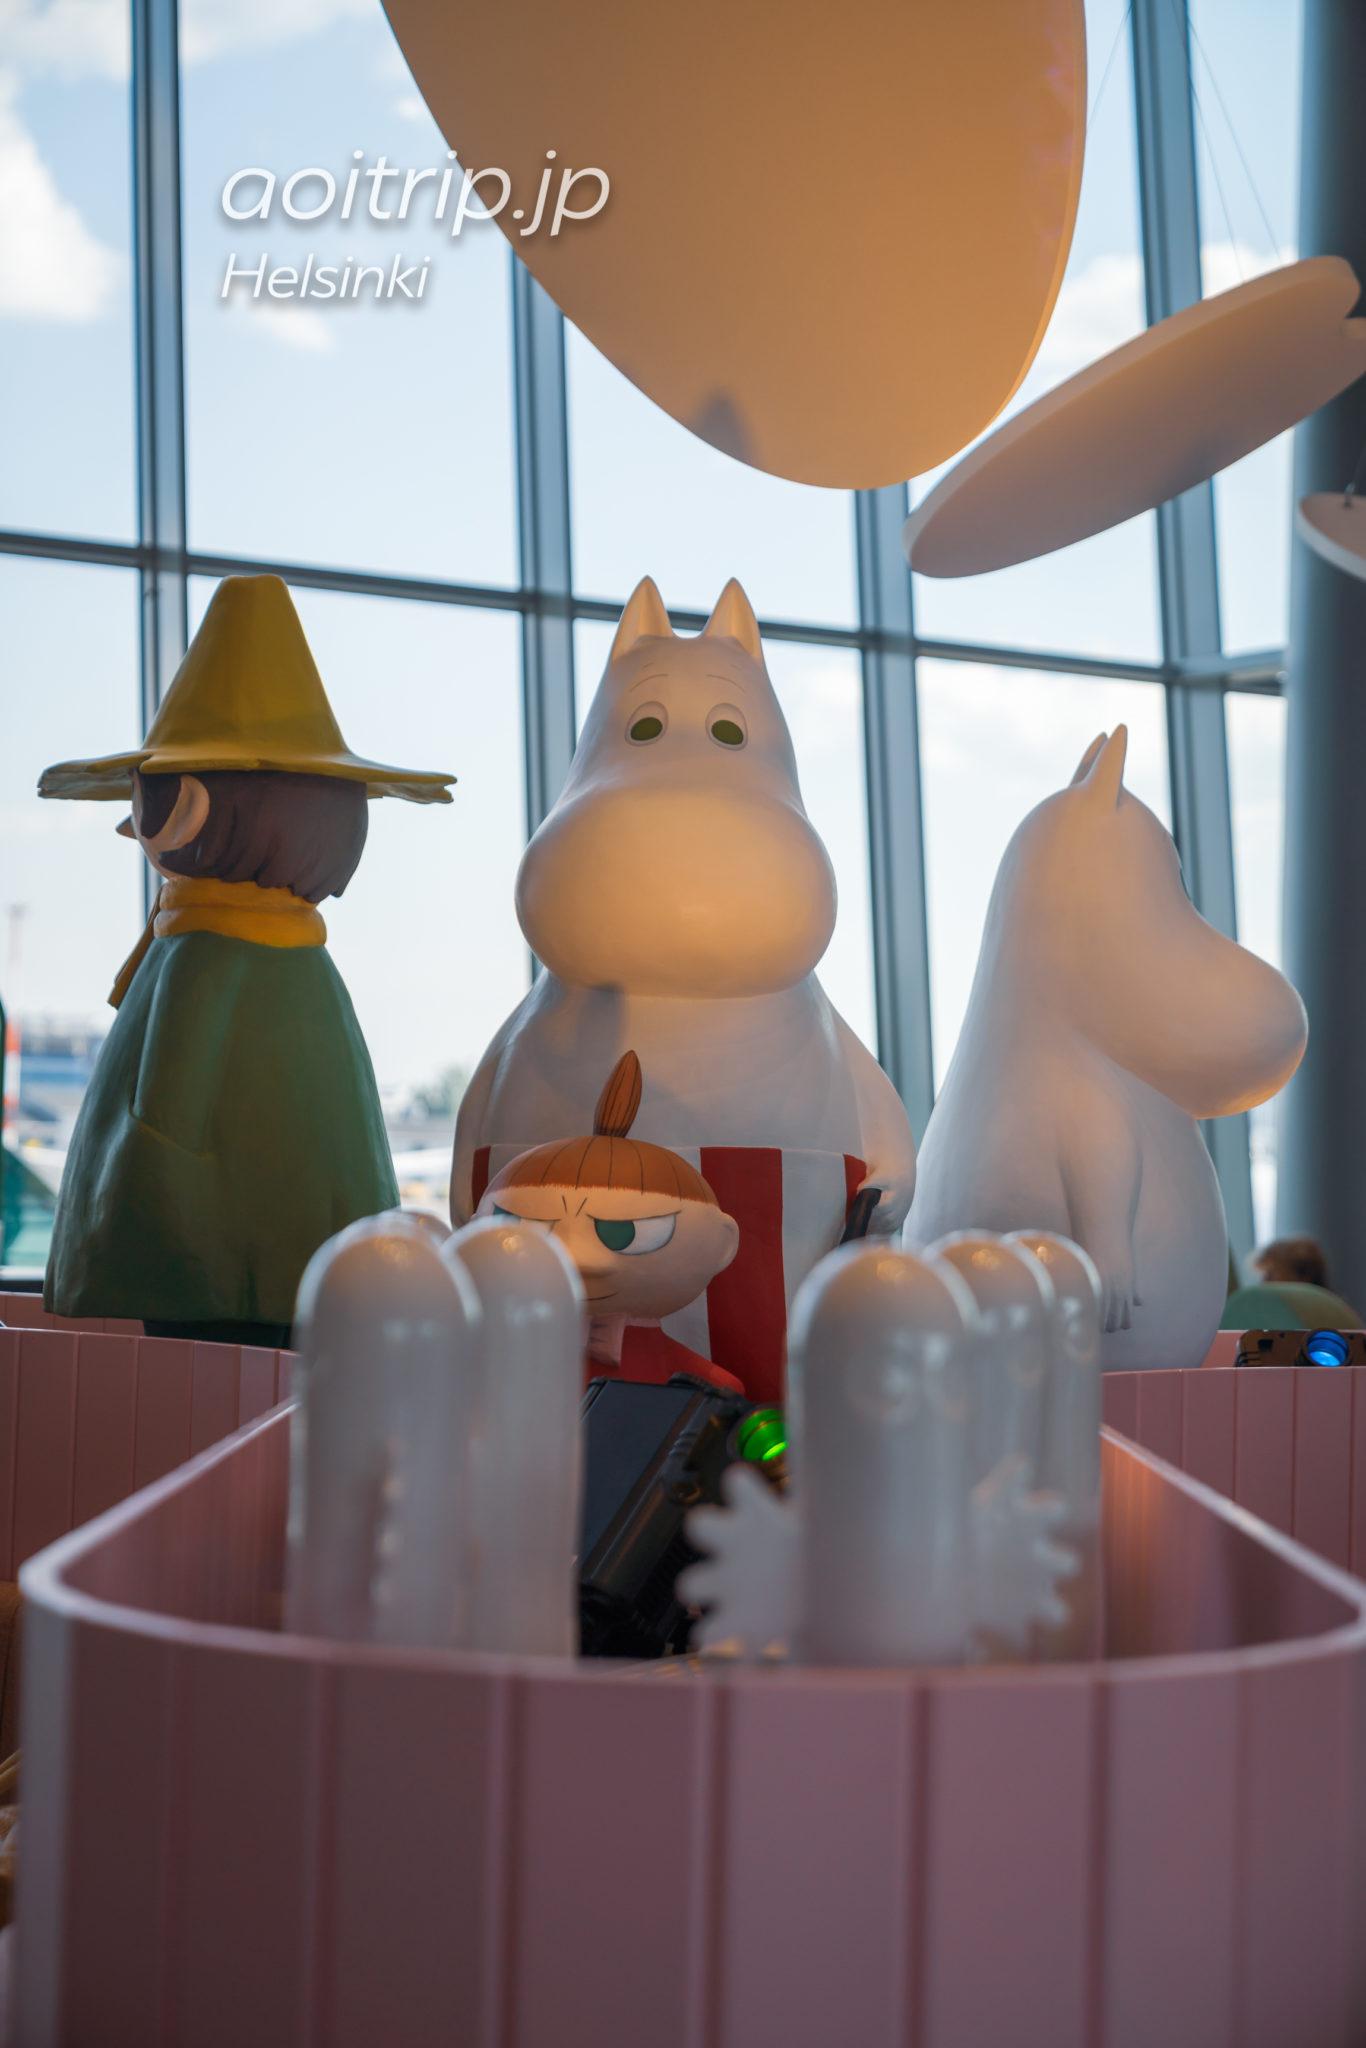 ヘルシンキ ヴァンター国際空港のムーミンコーヒー